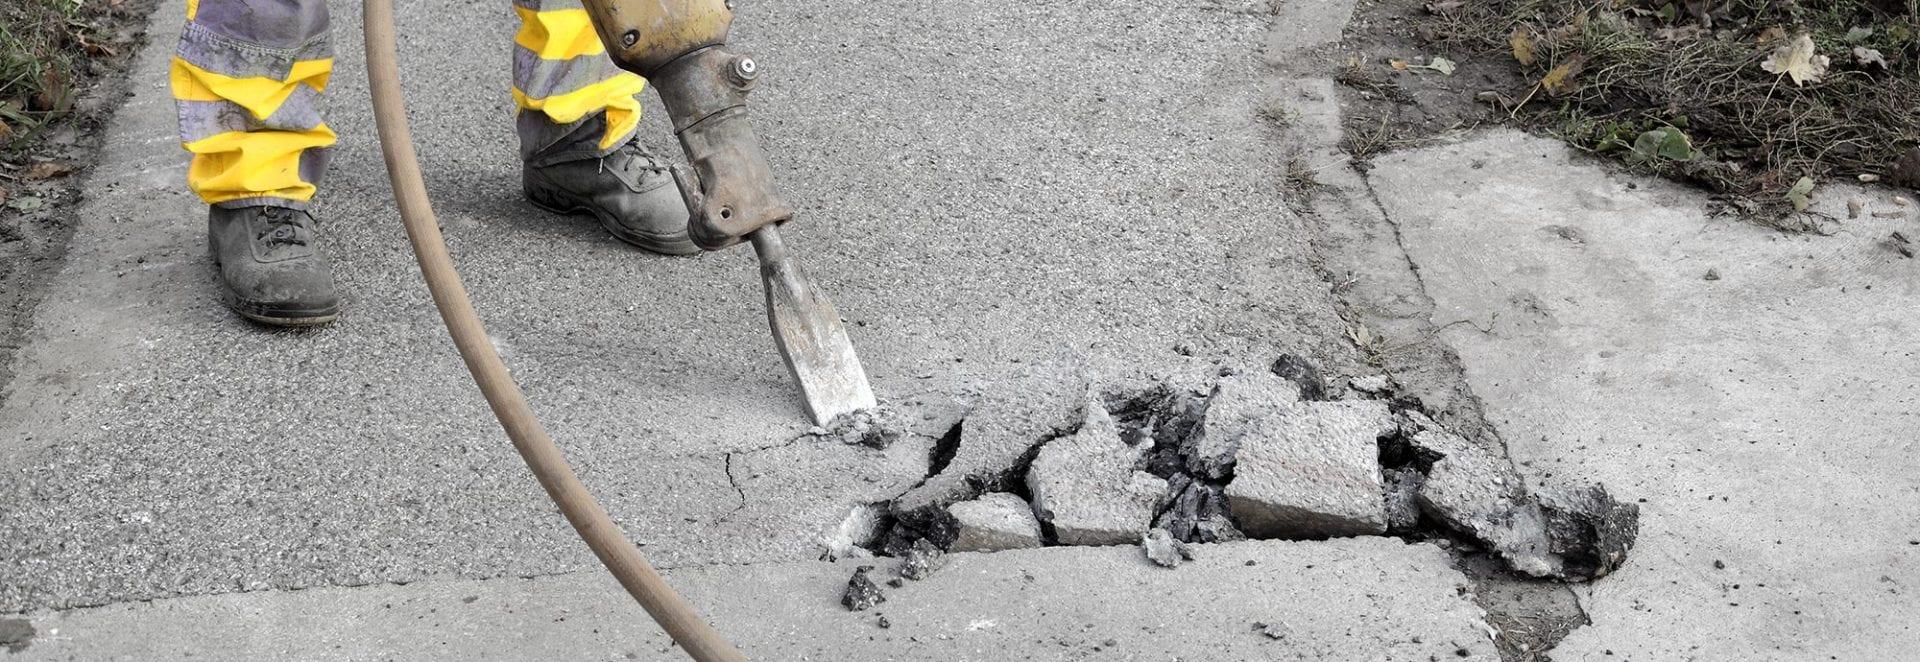 pigging av betong